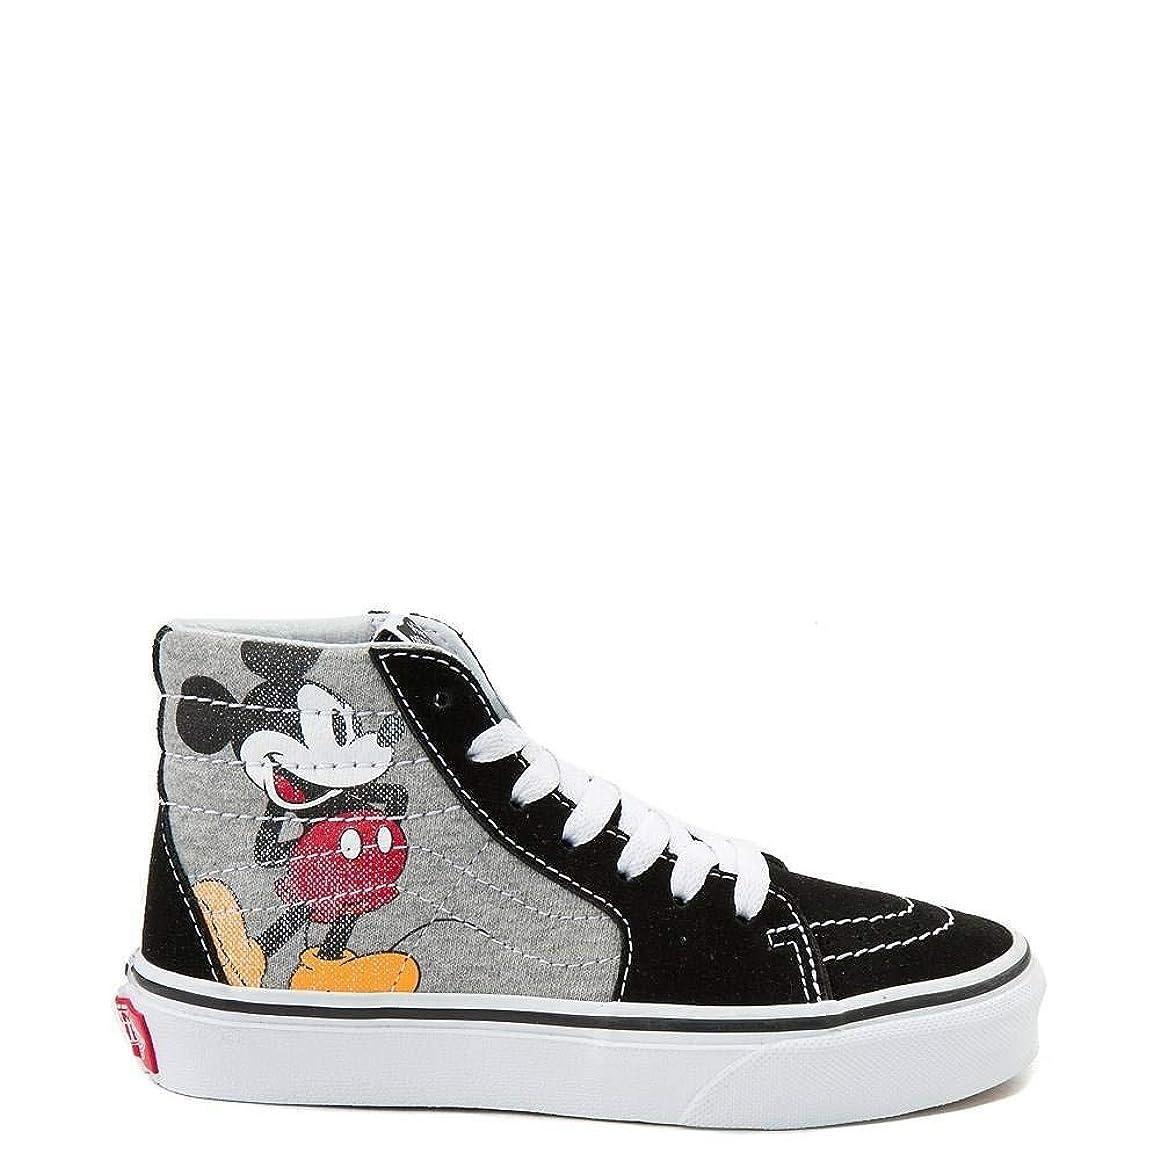 一緒書き込み実際に[バンズ] 靴?シューズ スニーカー Disney x Sk8 Hi Skate Shoe - Little Kid/Big Kid ミッキー マウス US 1 (19cm) [並行輸入品]